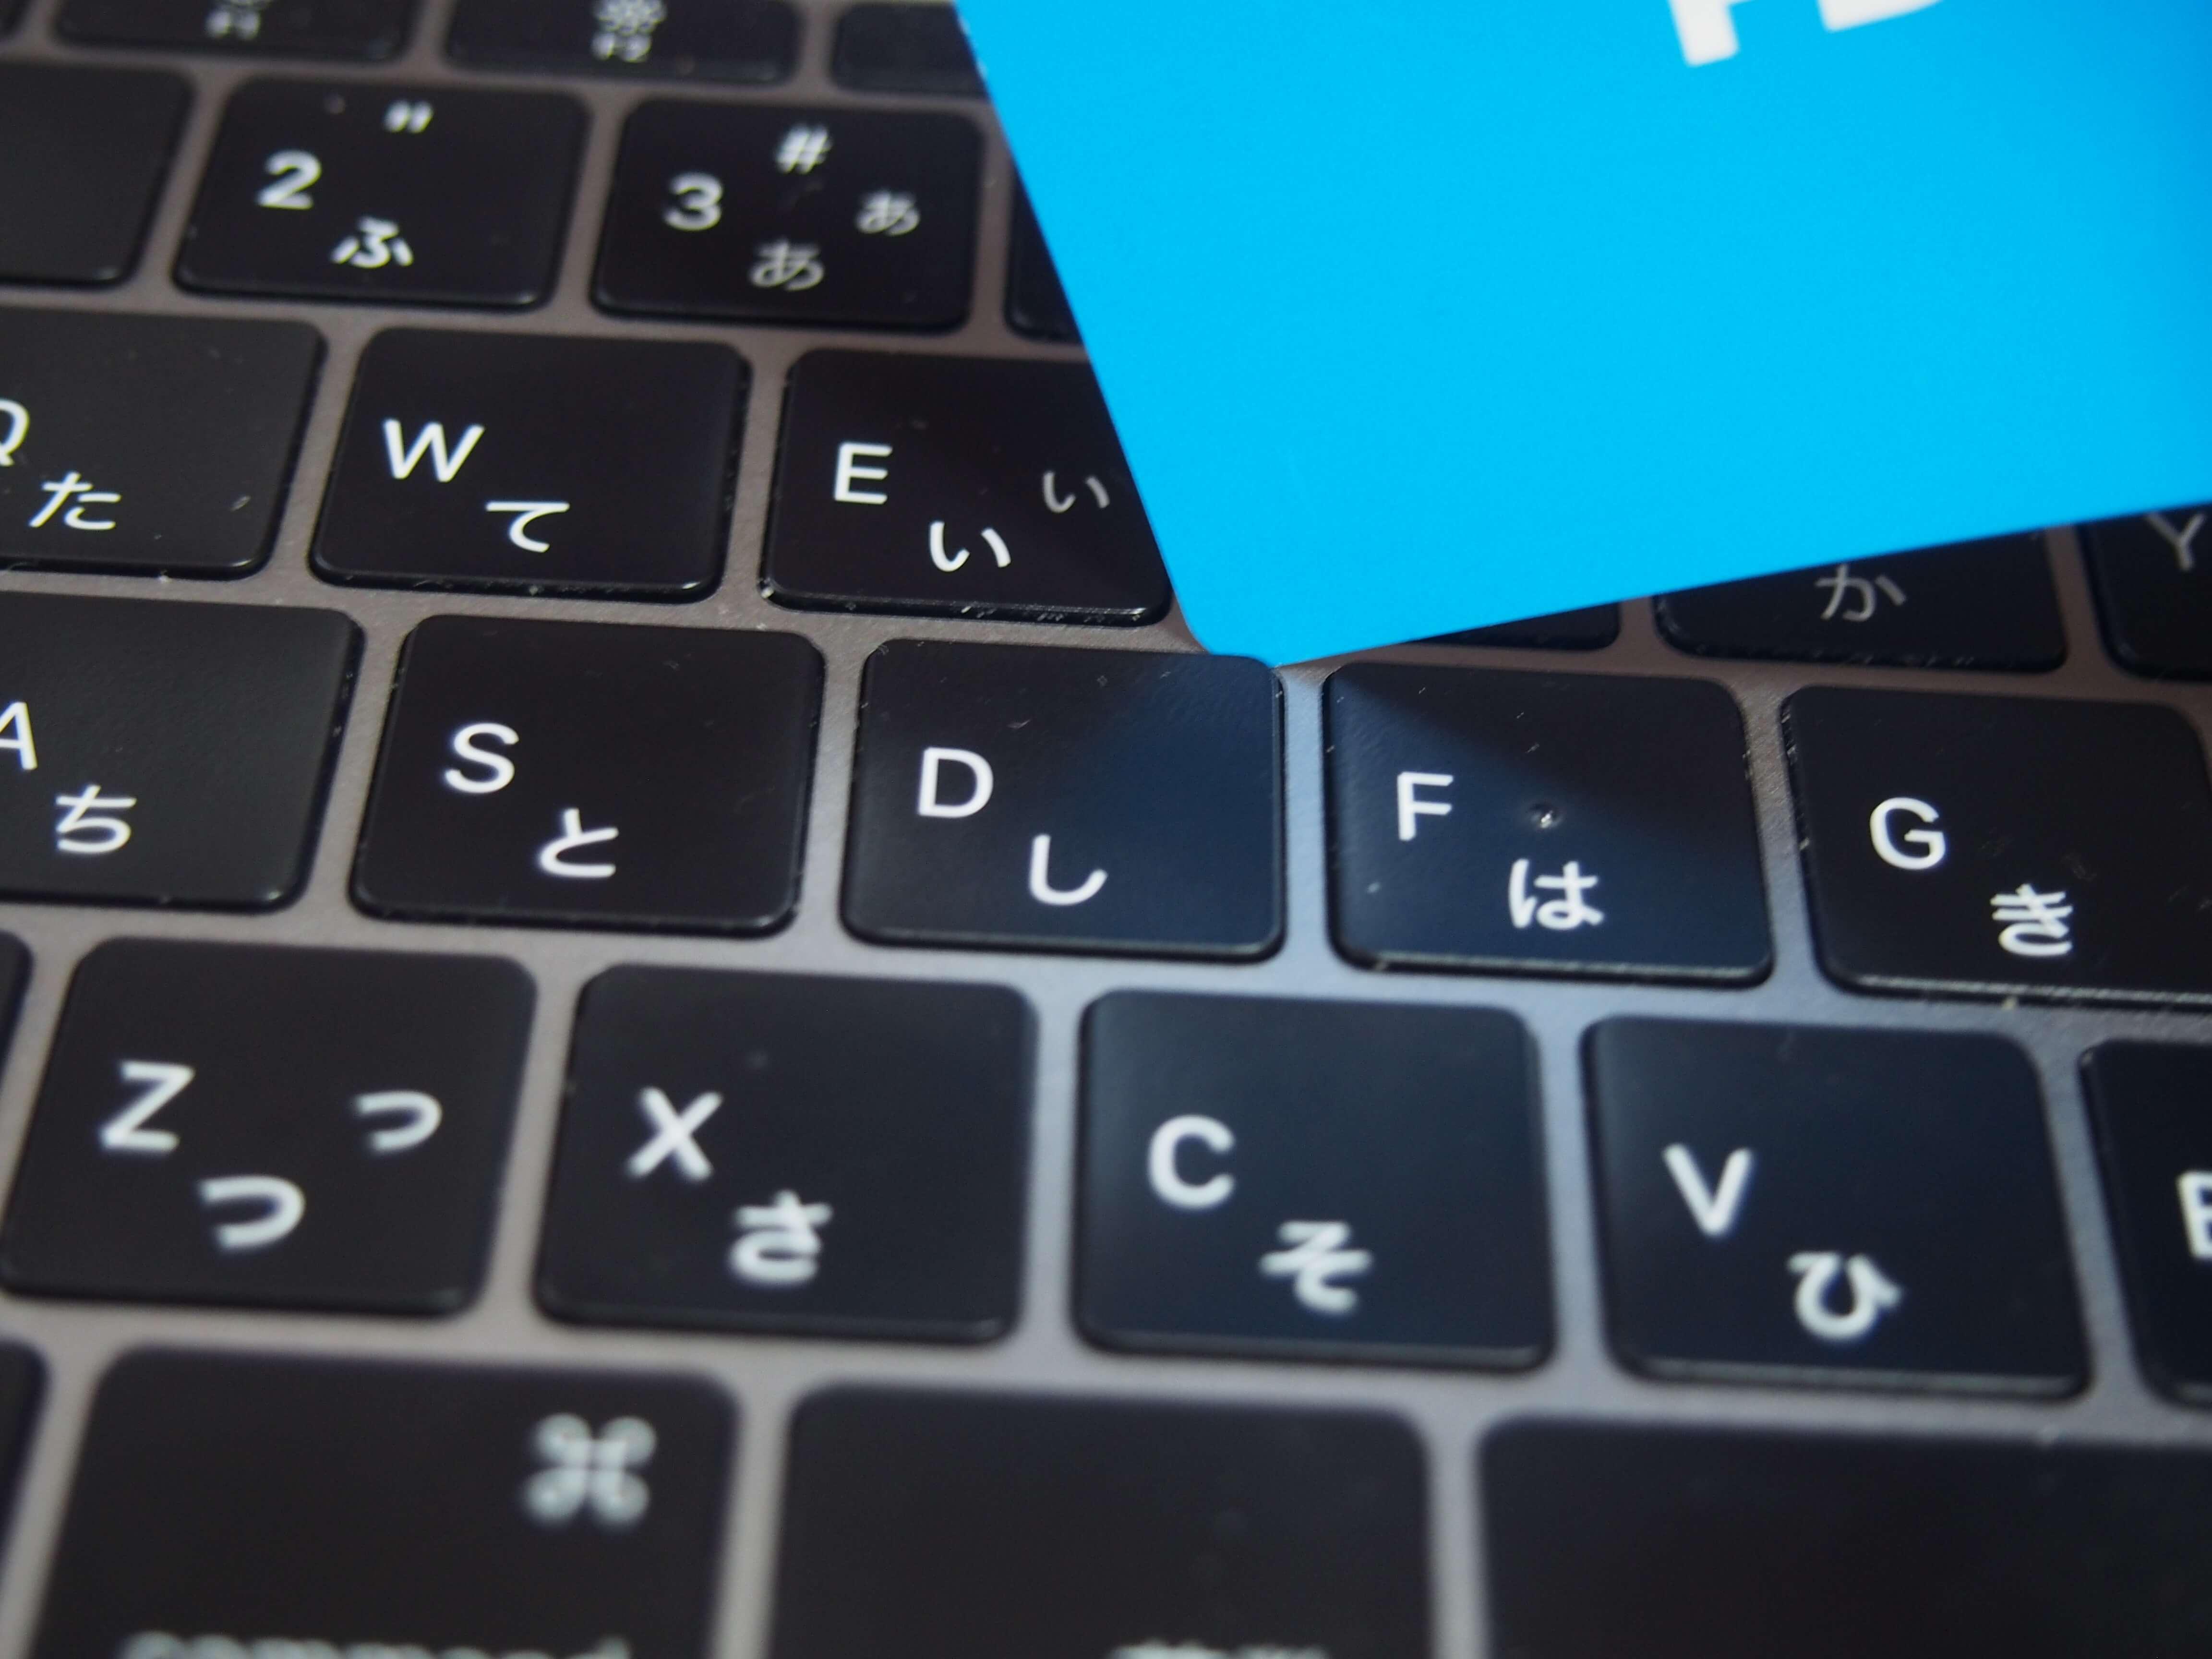 押せなくなったキーボードを外す